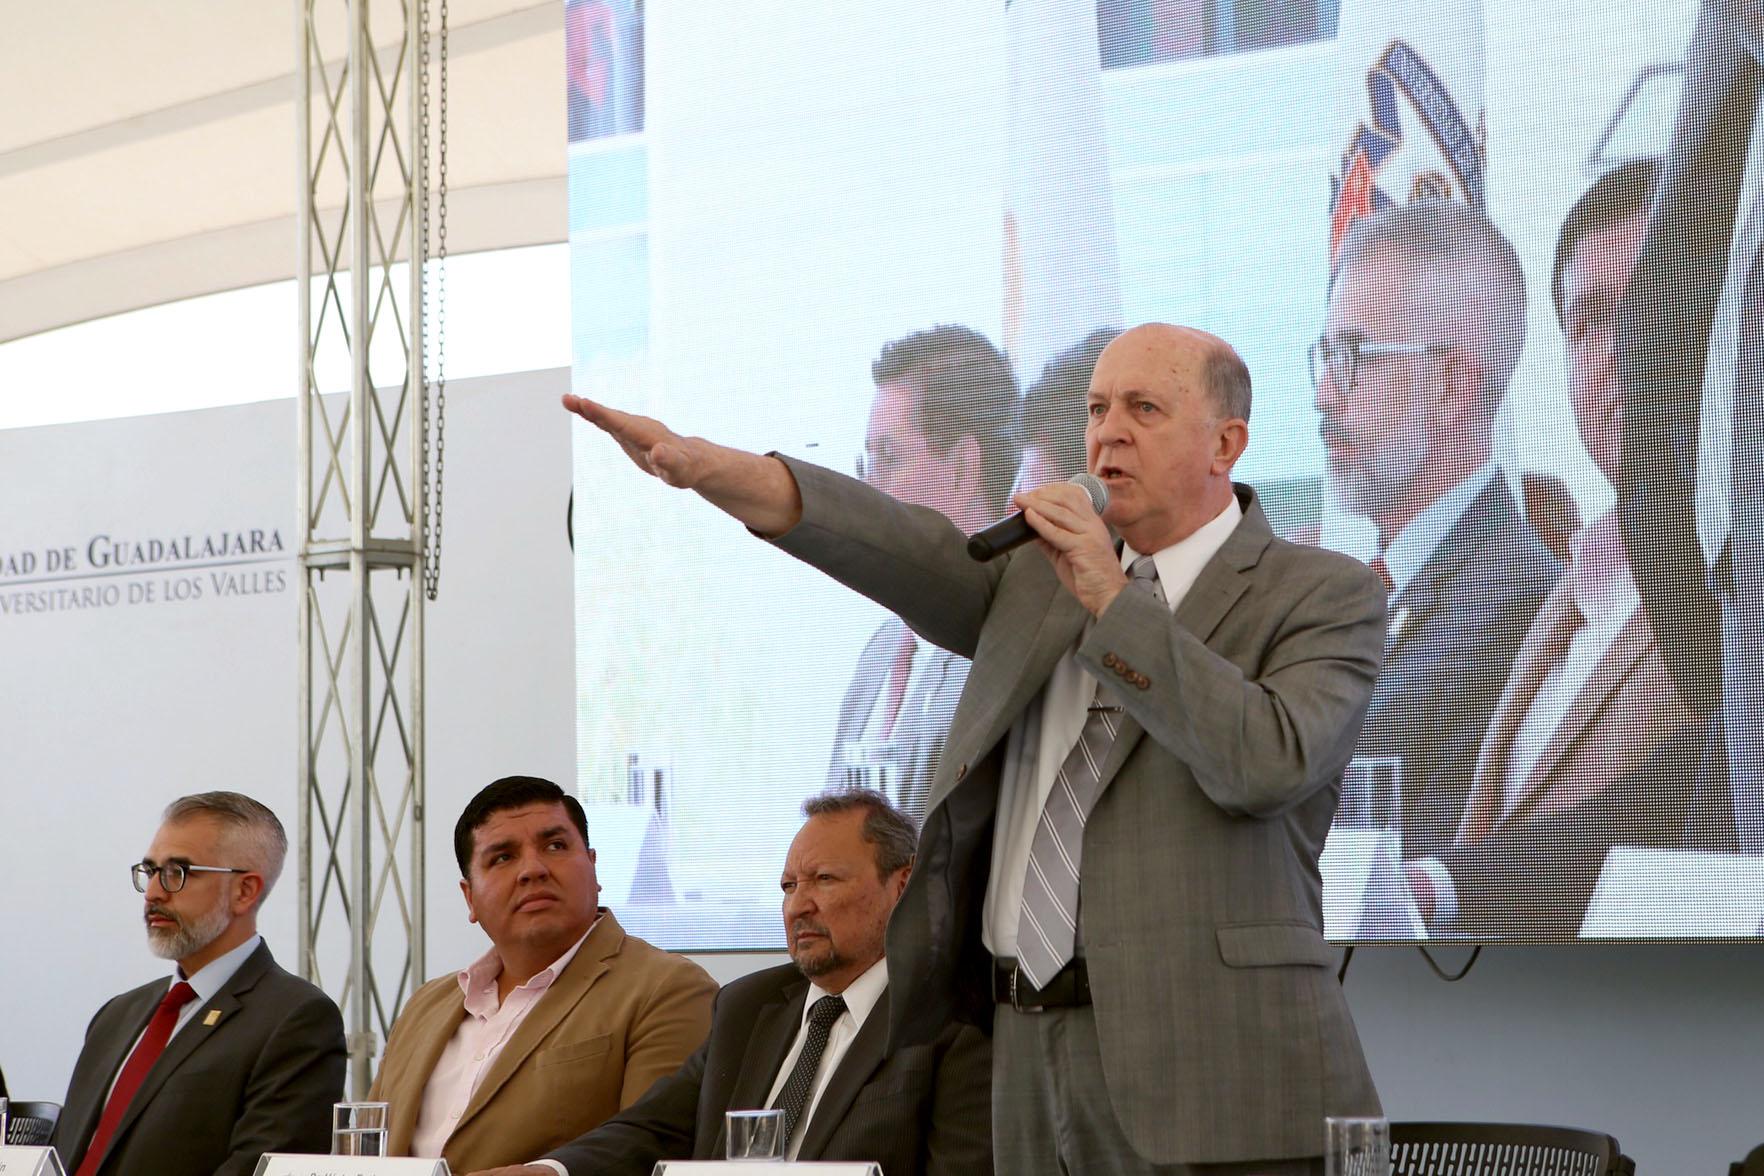 Doctor Miguel Ángel Navarro Navarro, tomando protesta como Rector del Centro Universitario de los Valles (CUValles), para el periodo 2019-2022